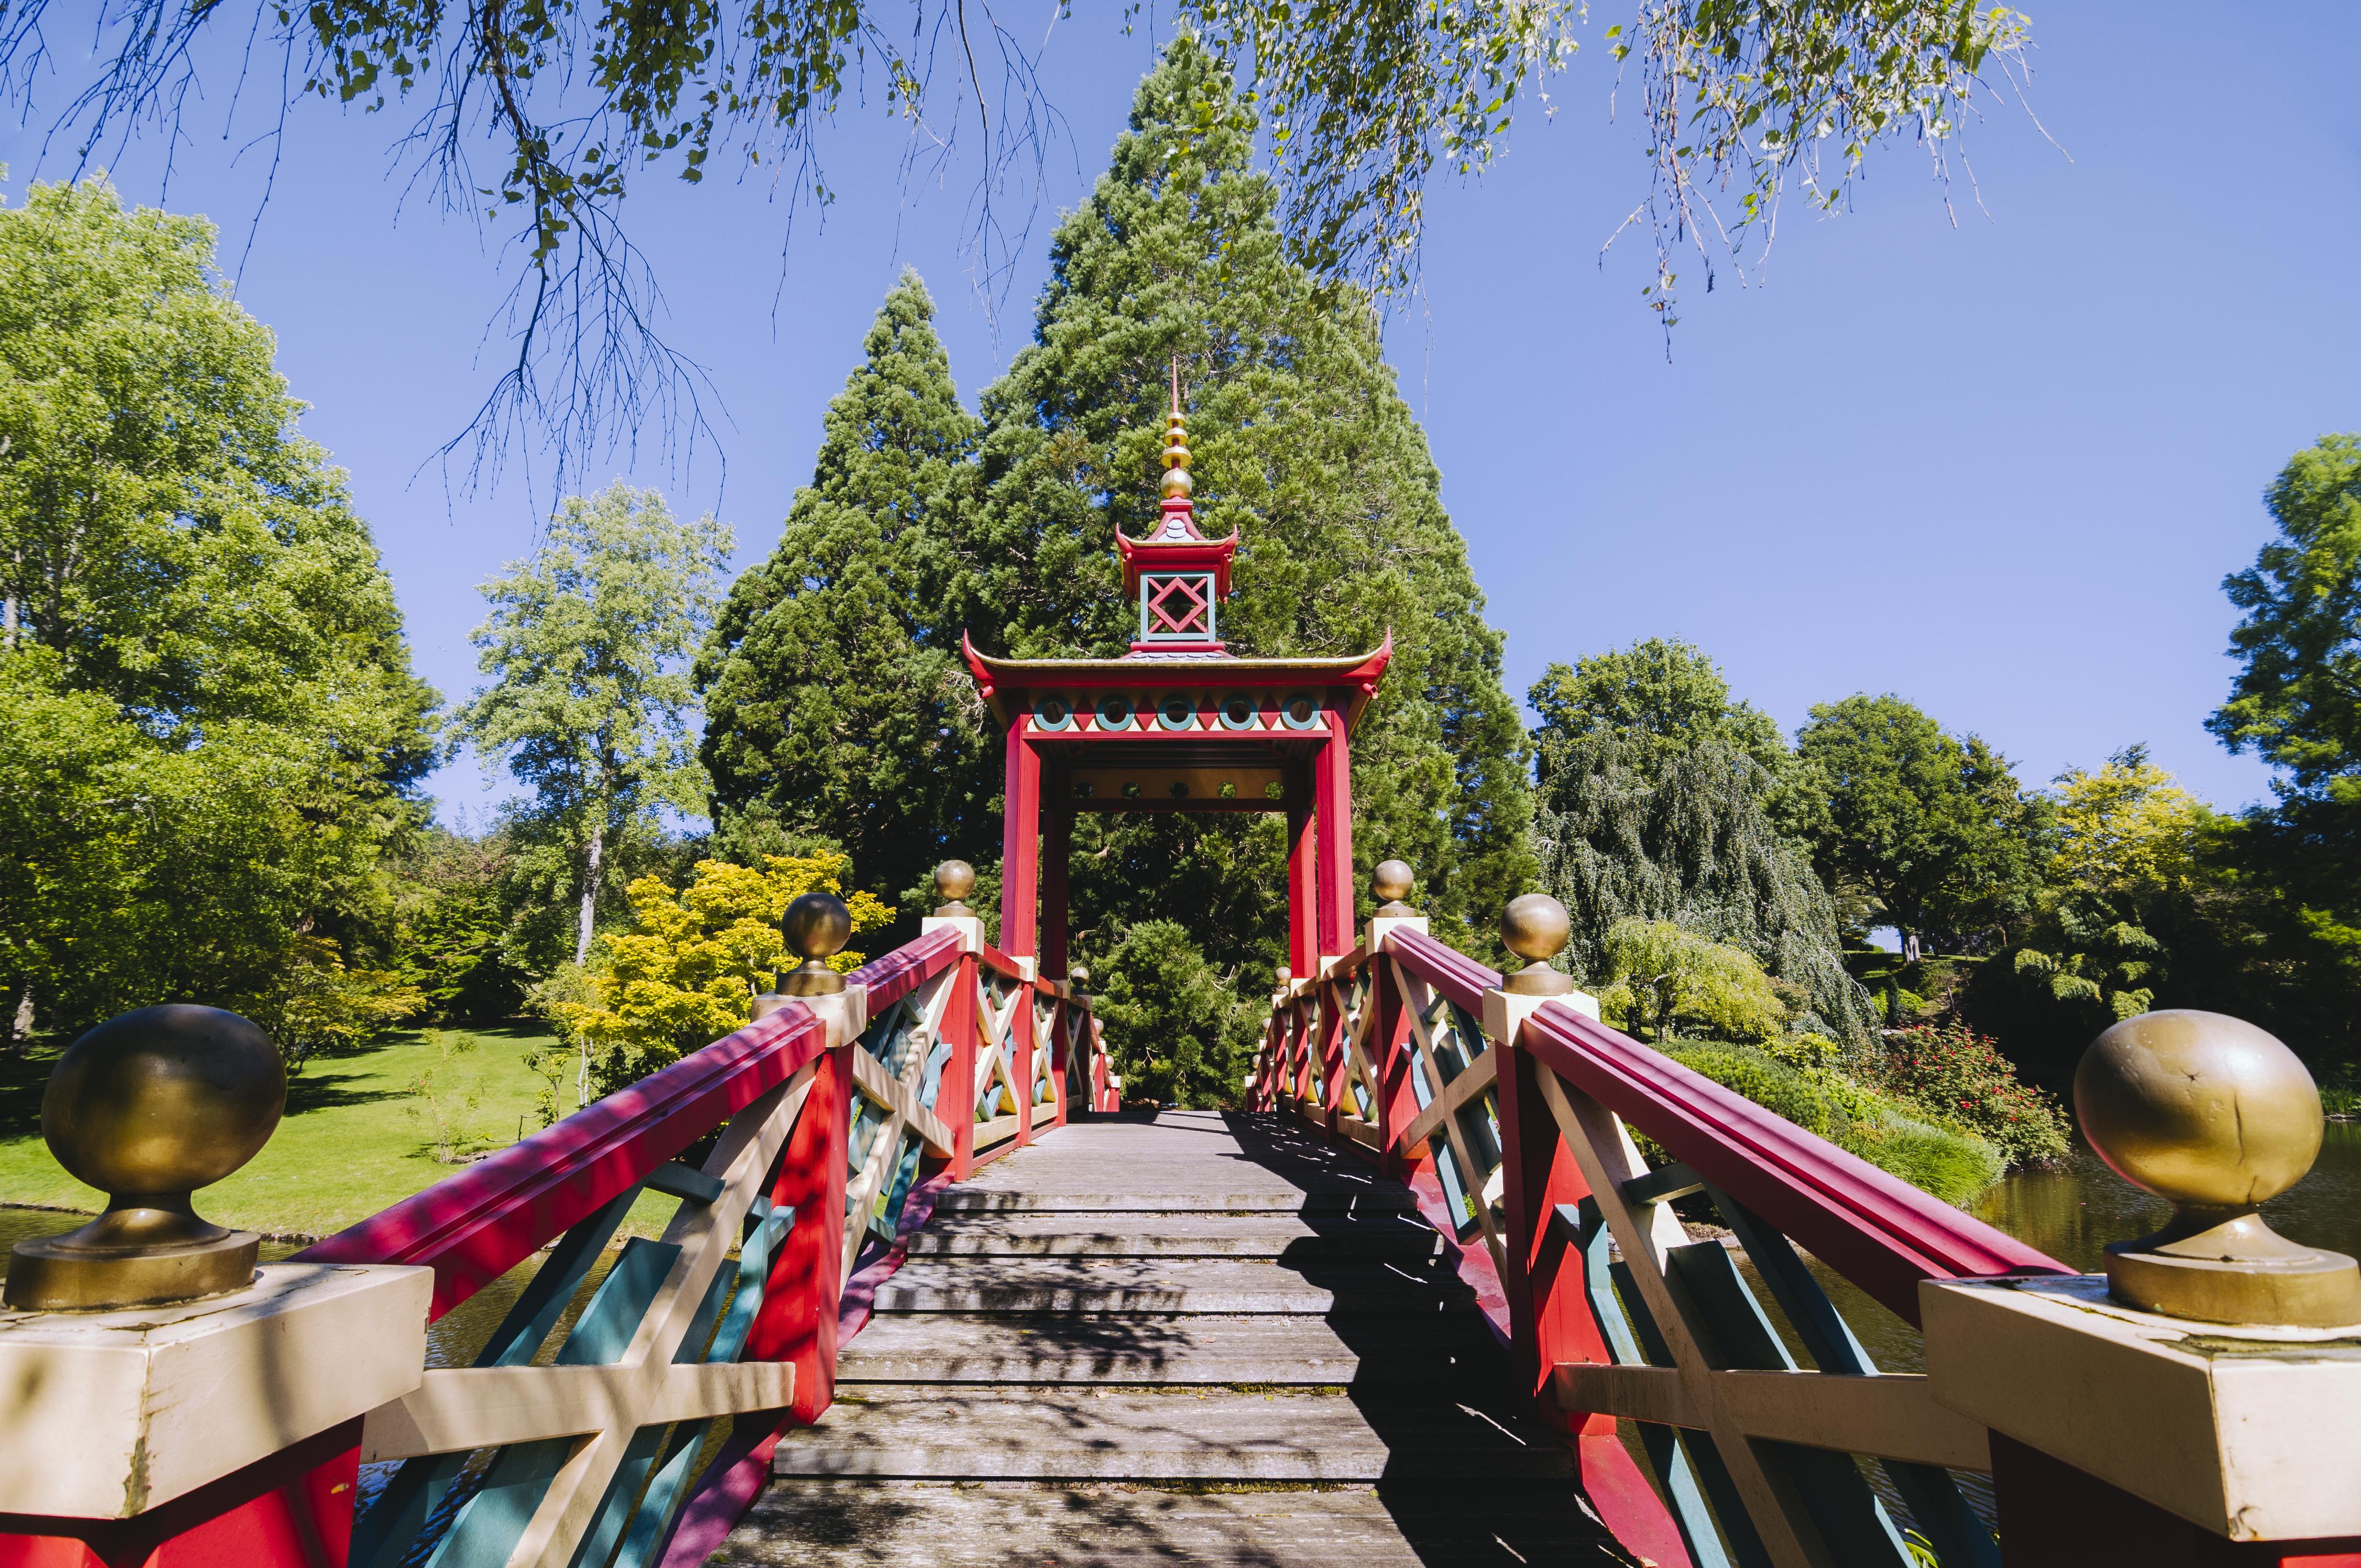 Parc floral Apremont-sur-Allier - Jardins secrets du cher - © ADTT18